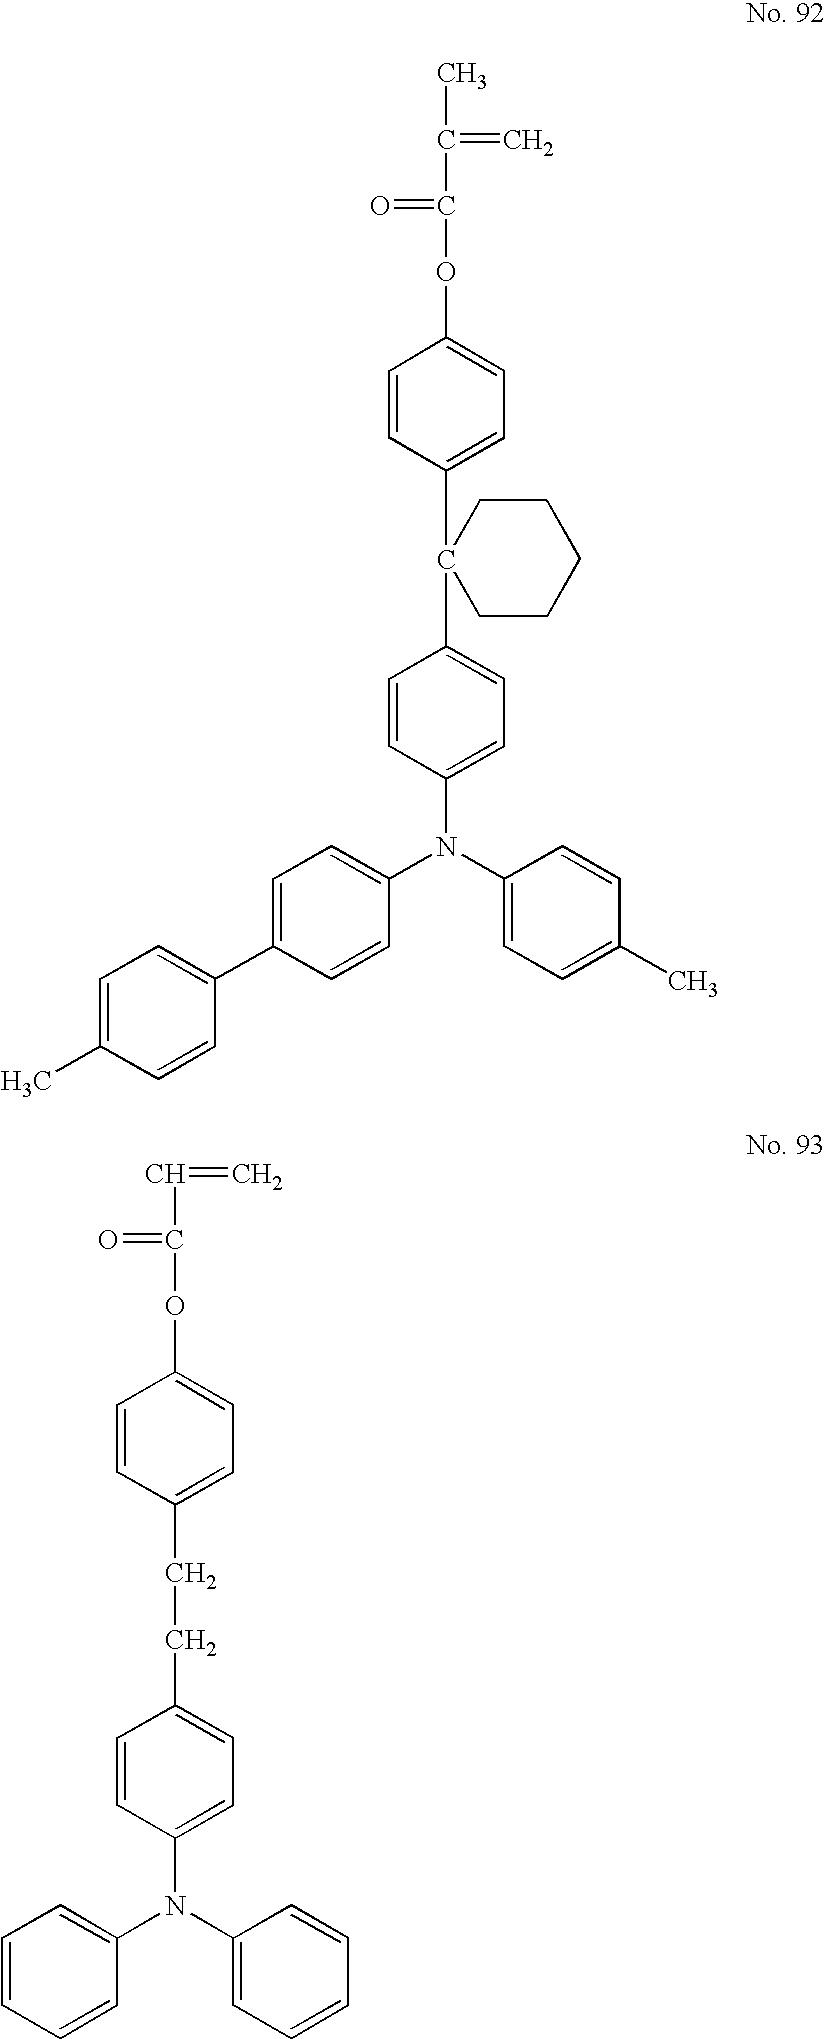 Figure US07824830-20101102-C00046